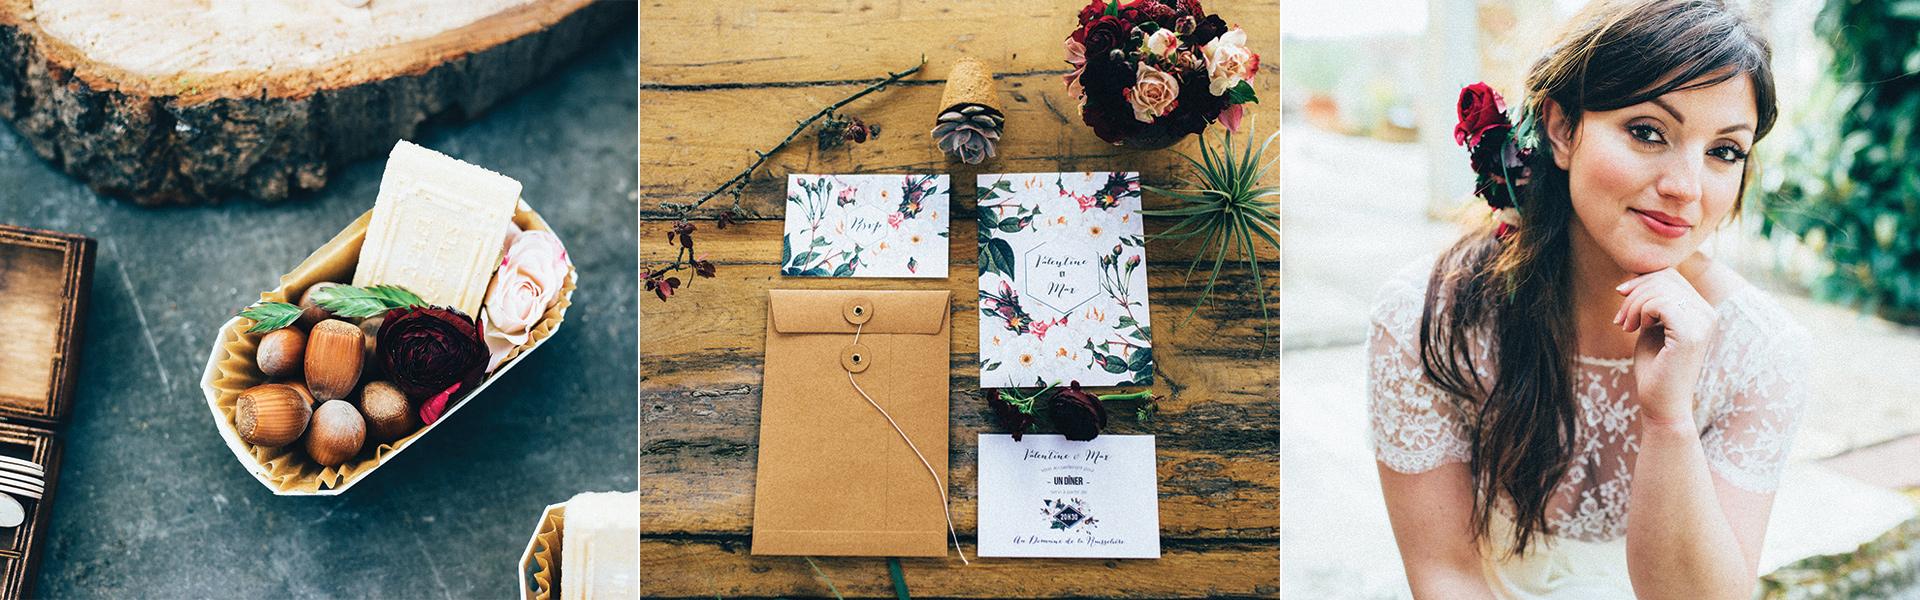 faire-part mariage botanique et inspiration fleurie